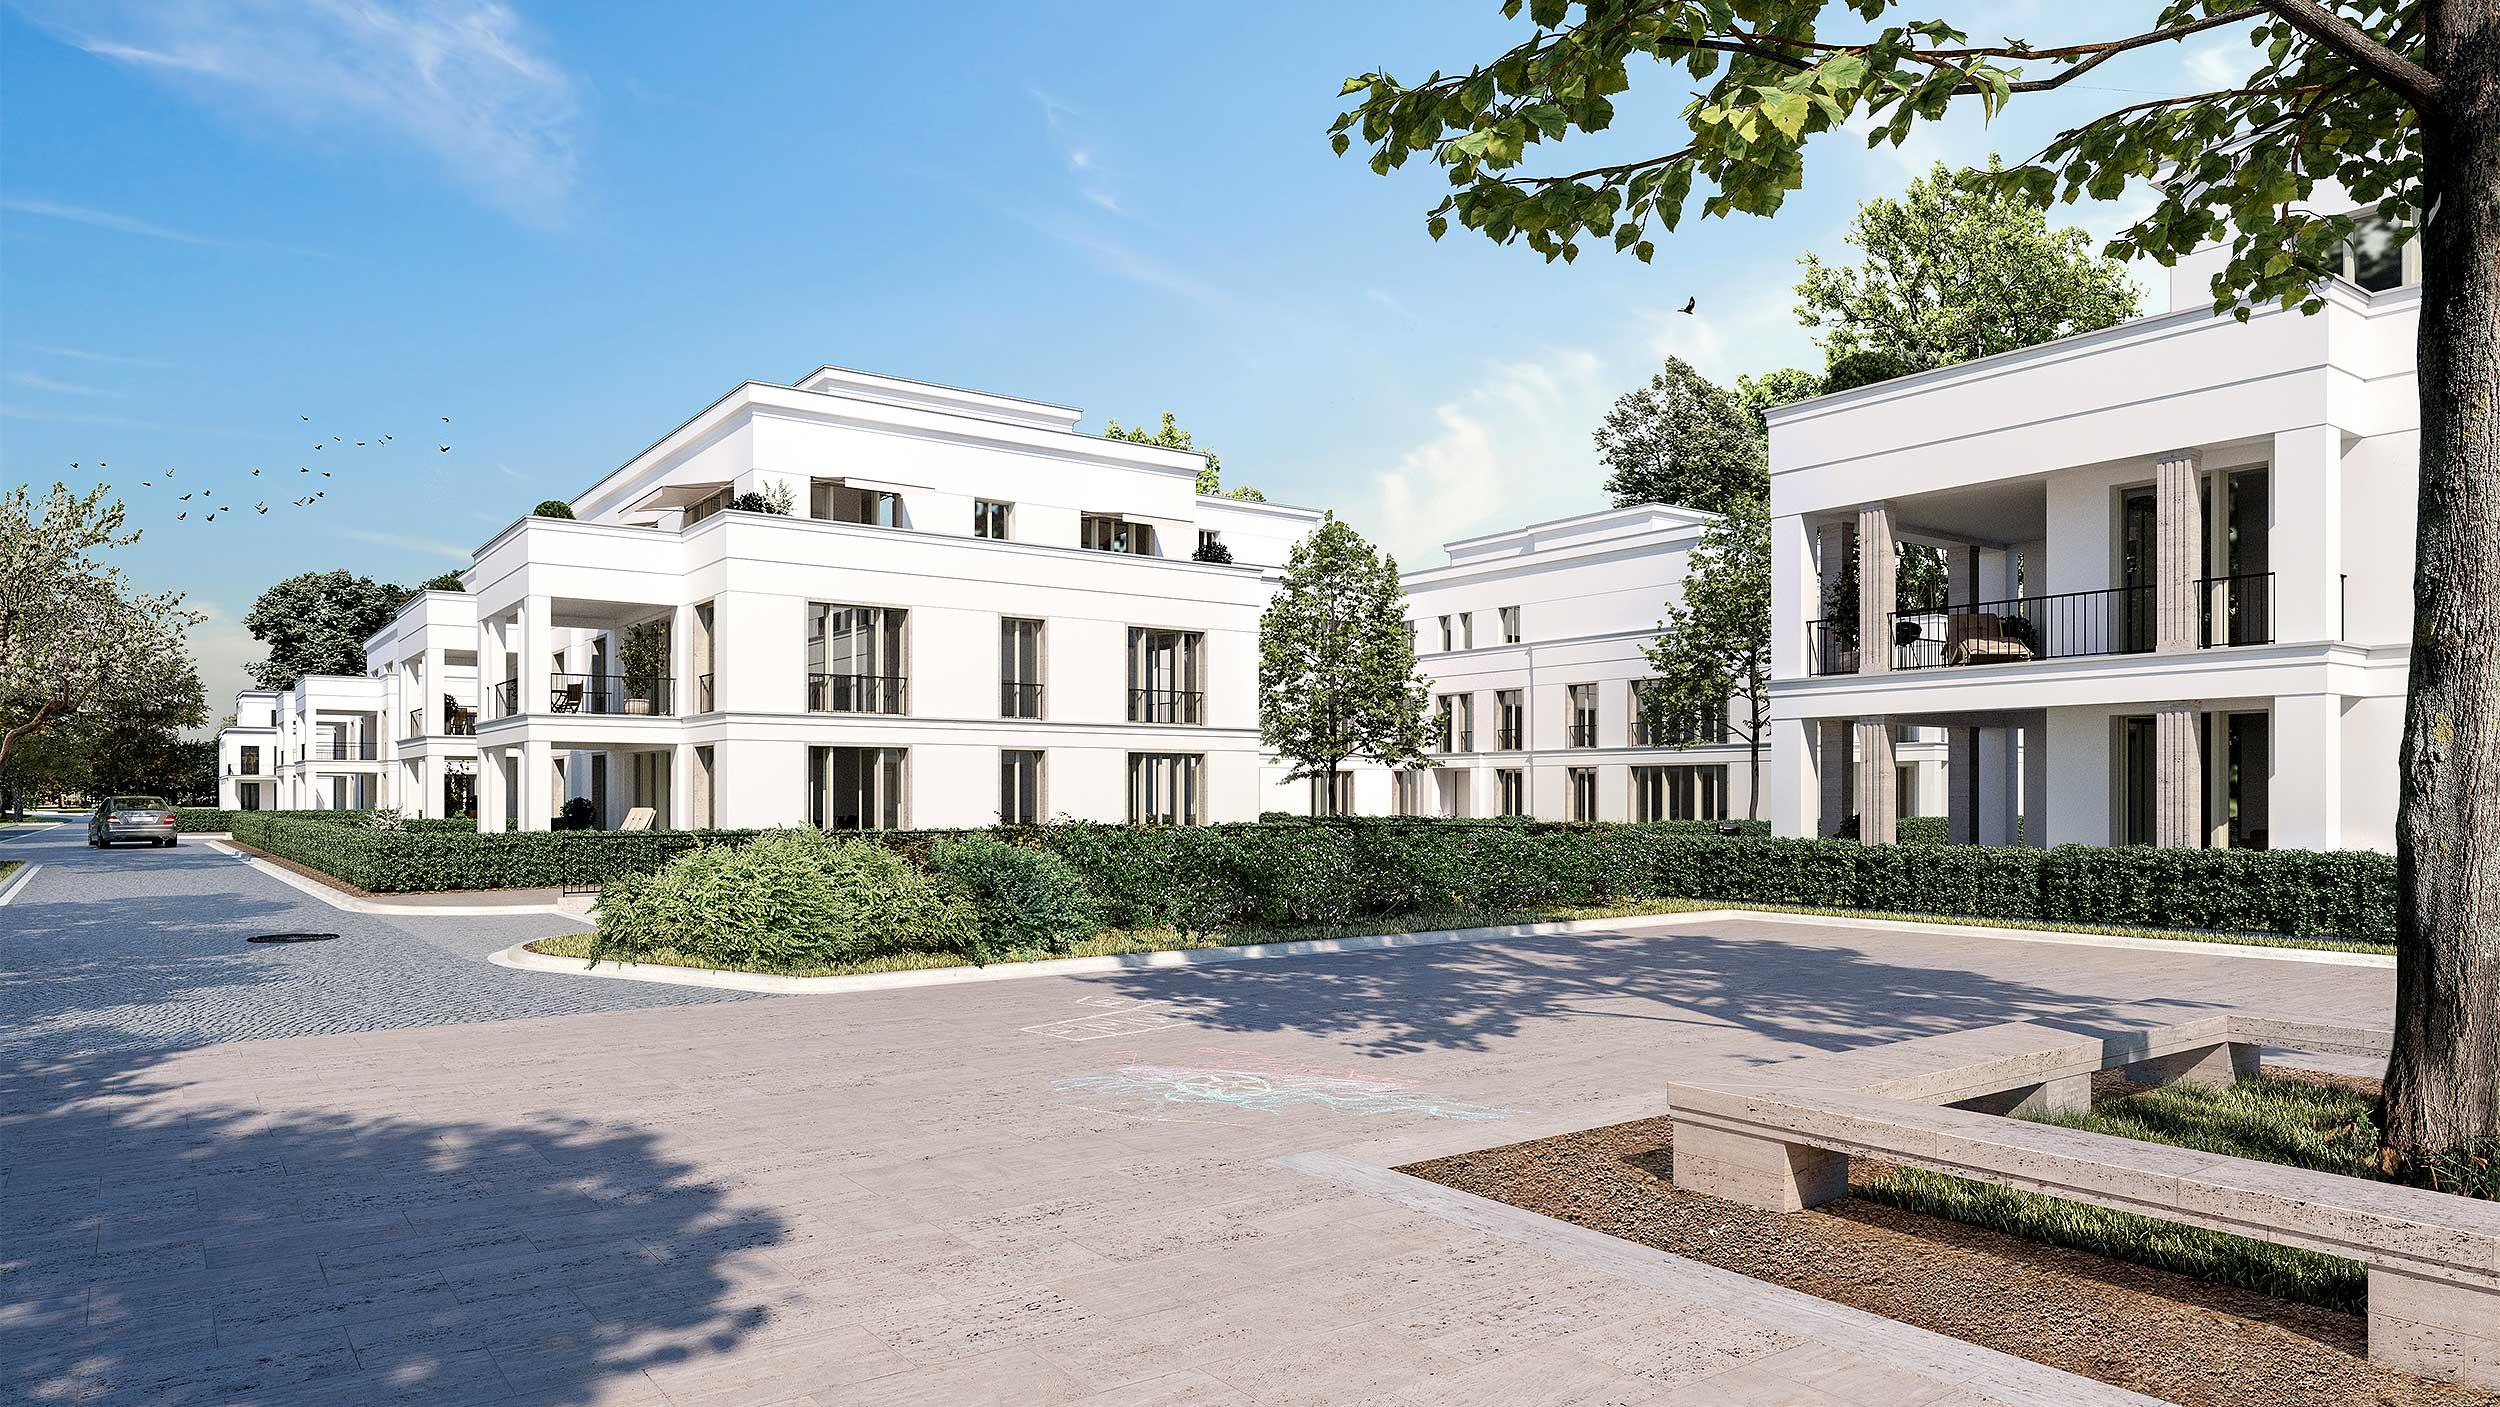 Neubauprojekt eines Wohnquartiers mit 42 Eigentumswohnungen - Die Wohnresidenzen im Park zeigen eine klassisch moderne Architektur